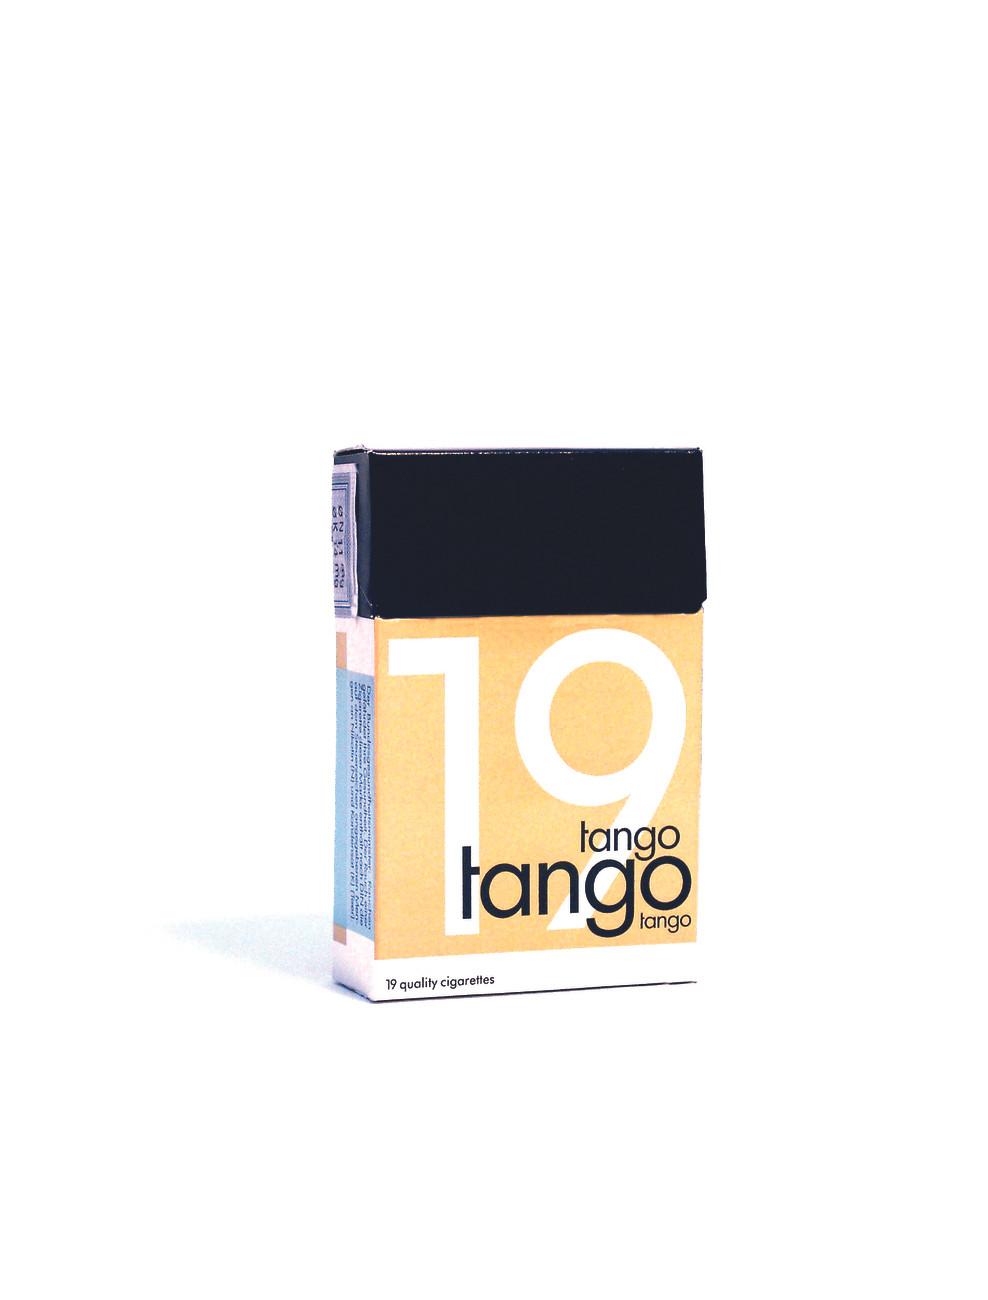 Tango cigarette box